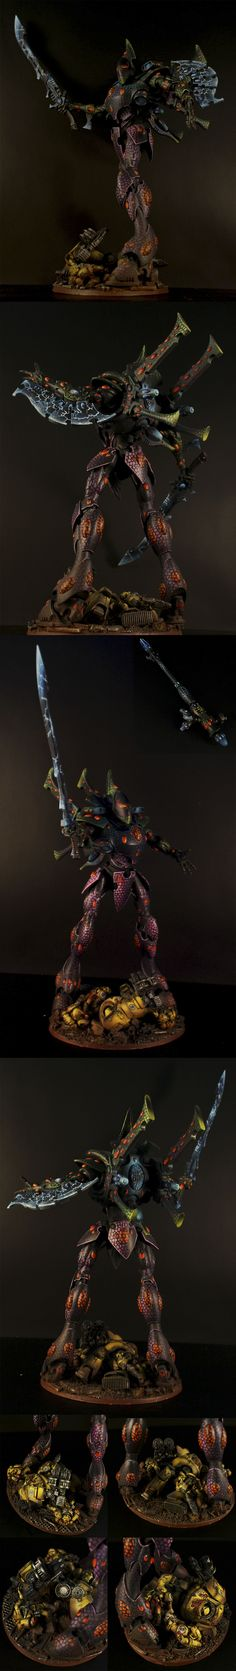 40k - Eldar Wraithknight by Shepard